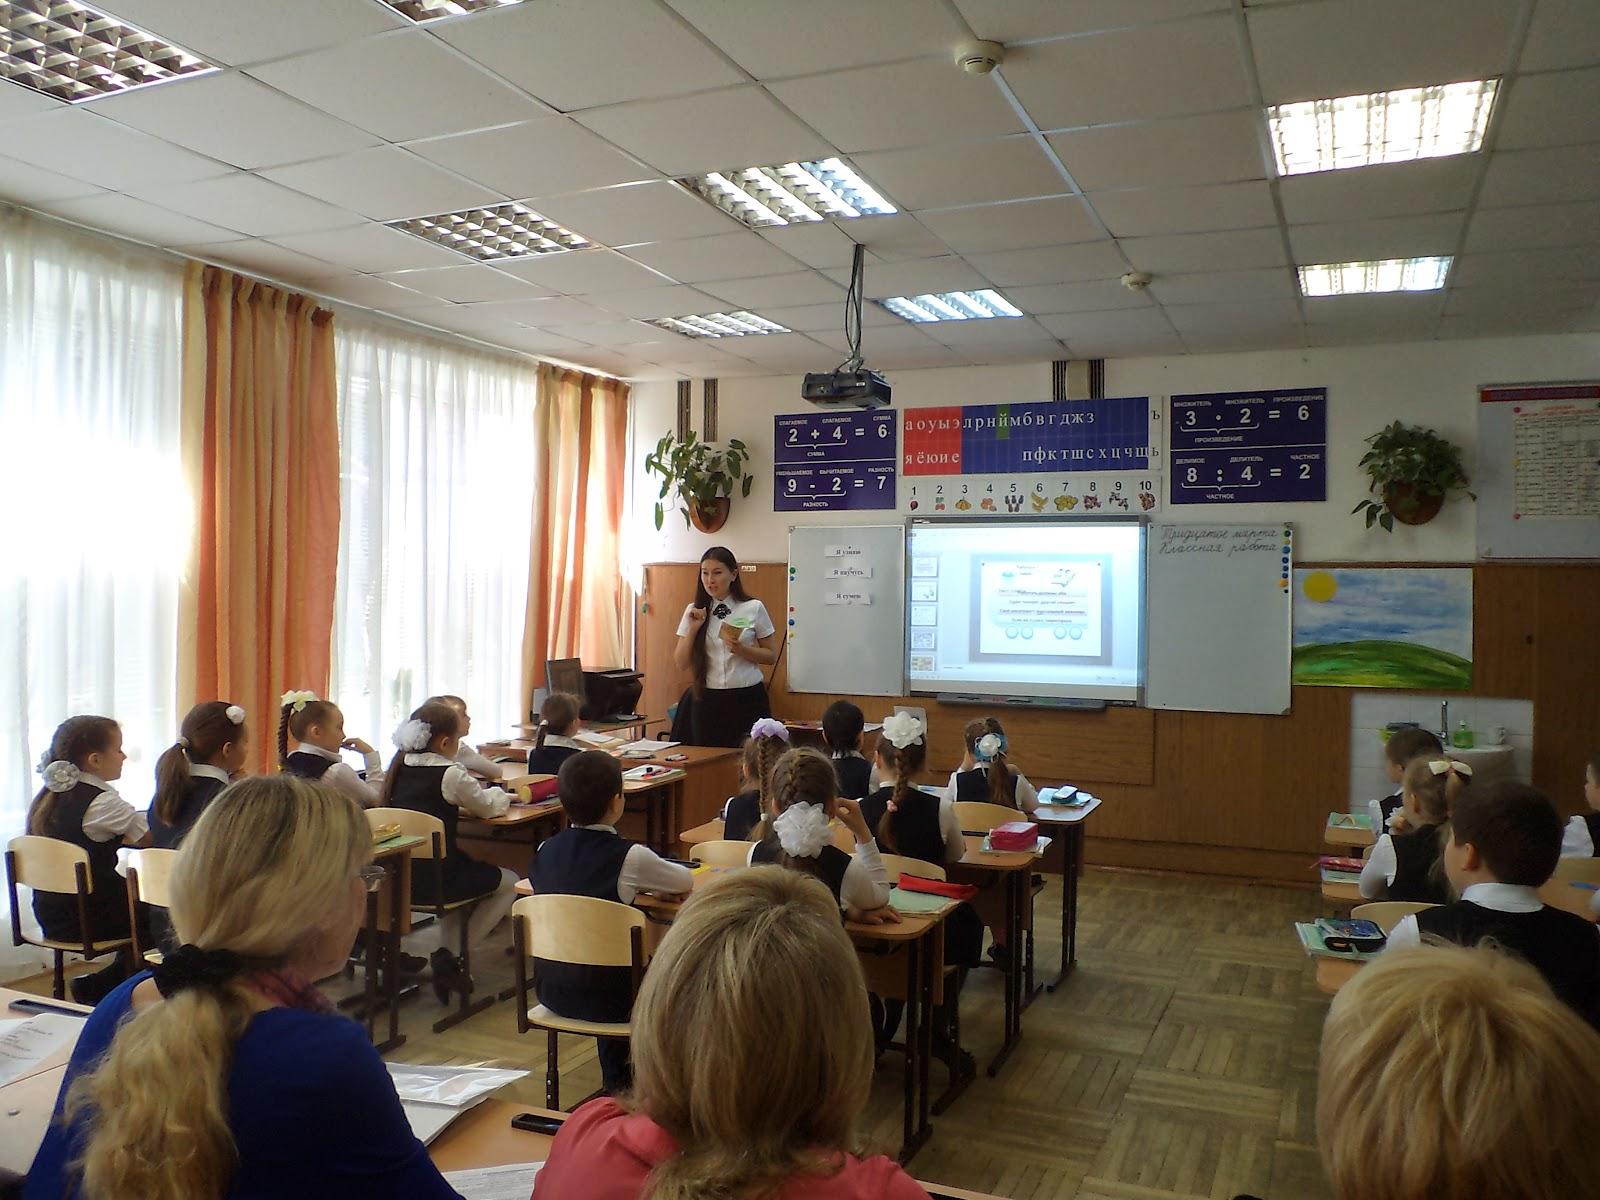 Учительница дала ученику после уроков 7 фотография